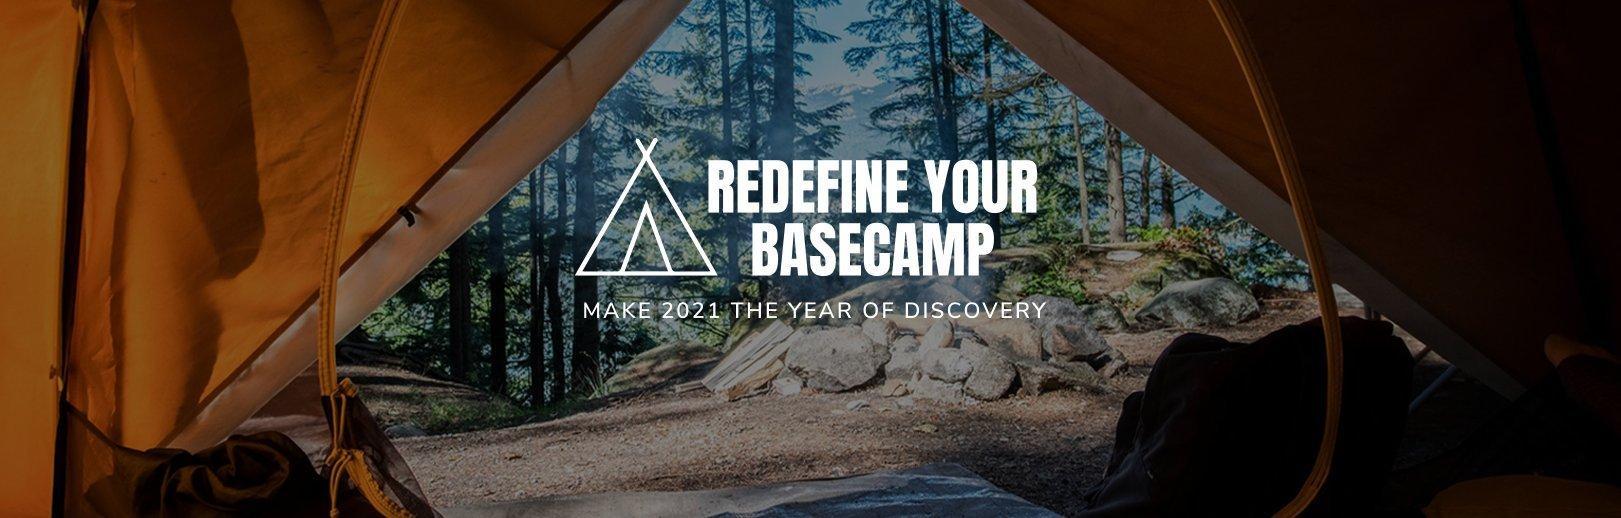 BF Camping